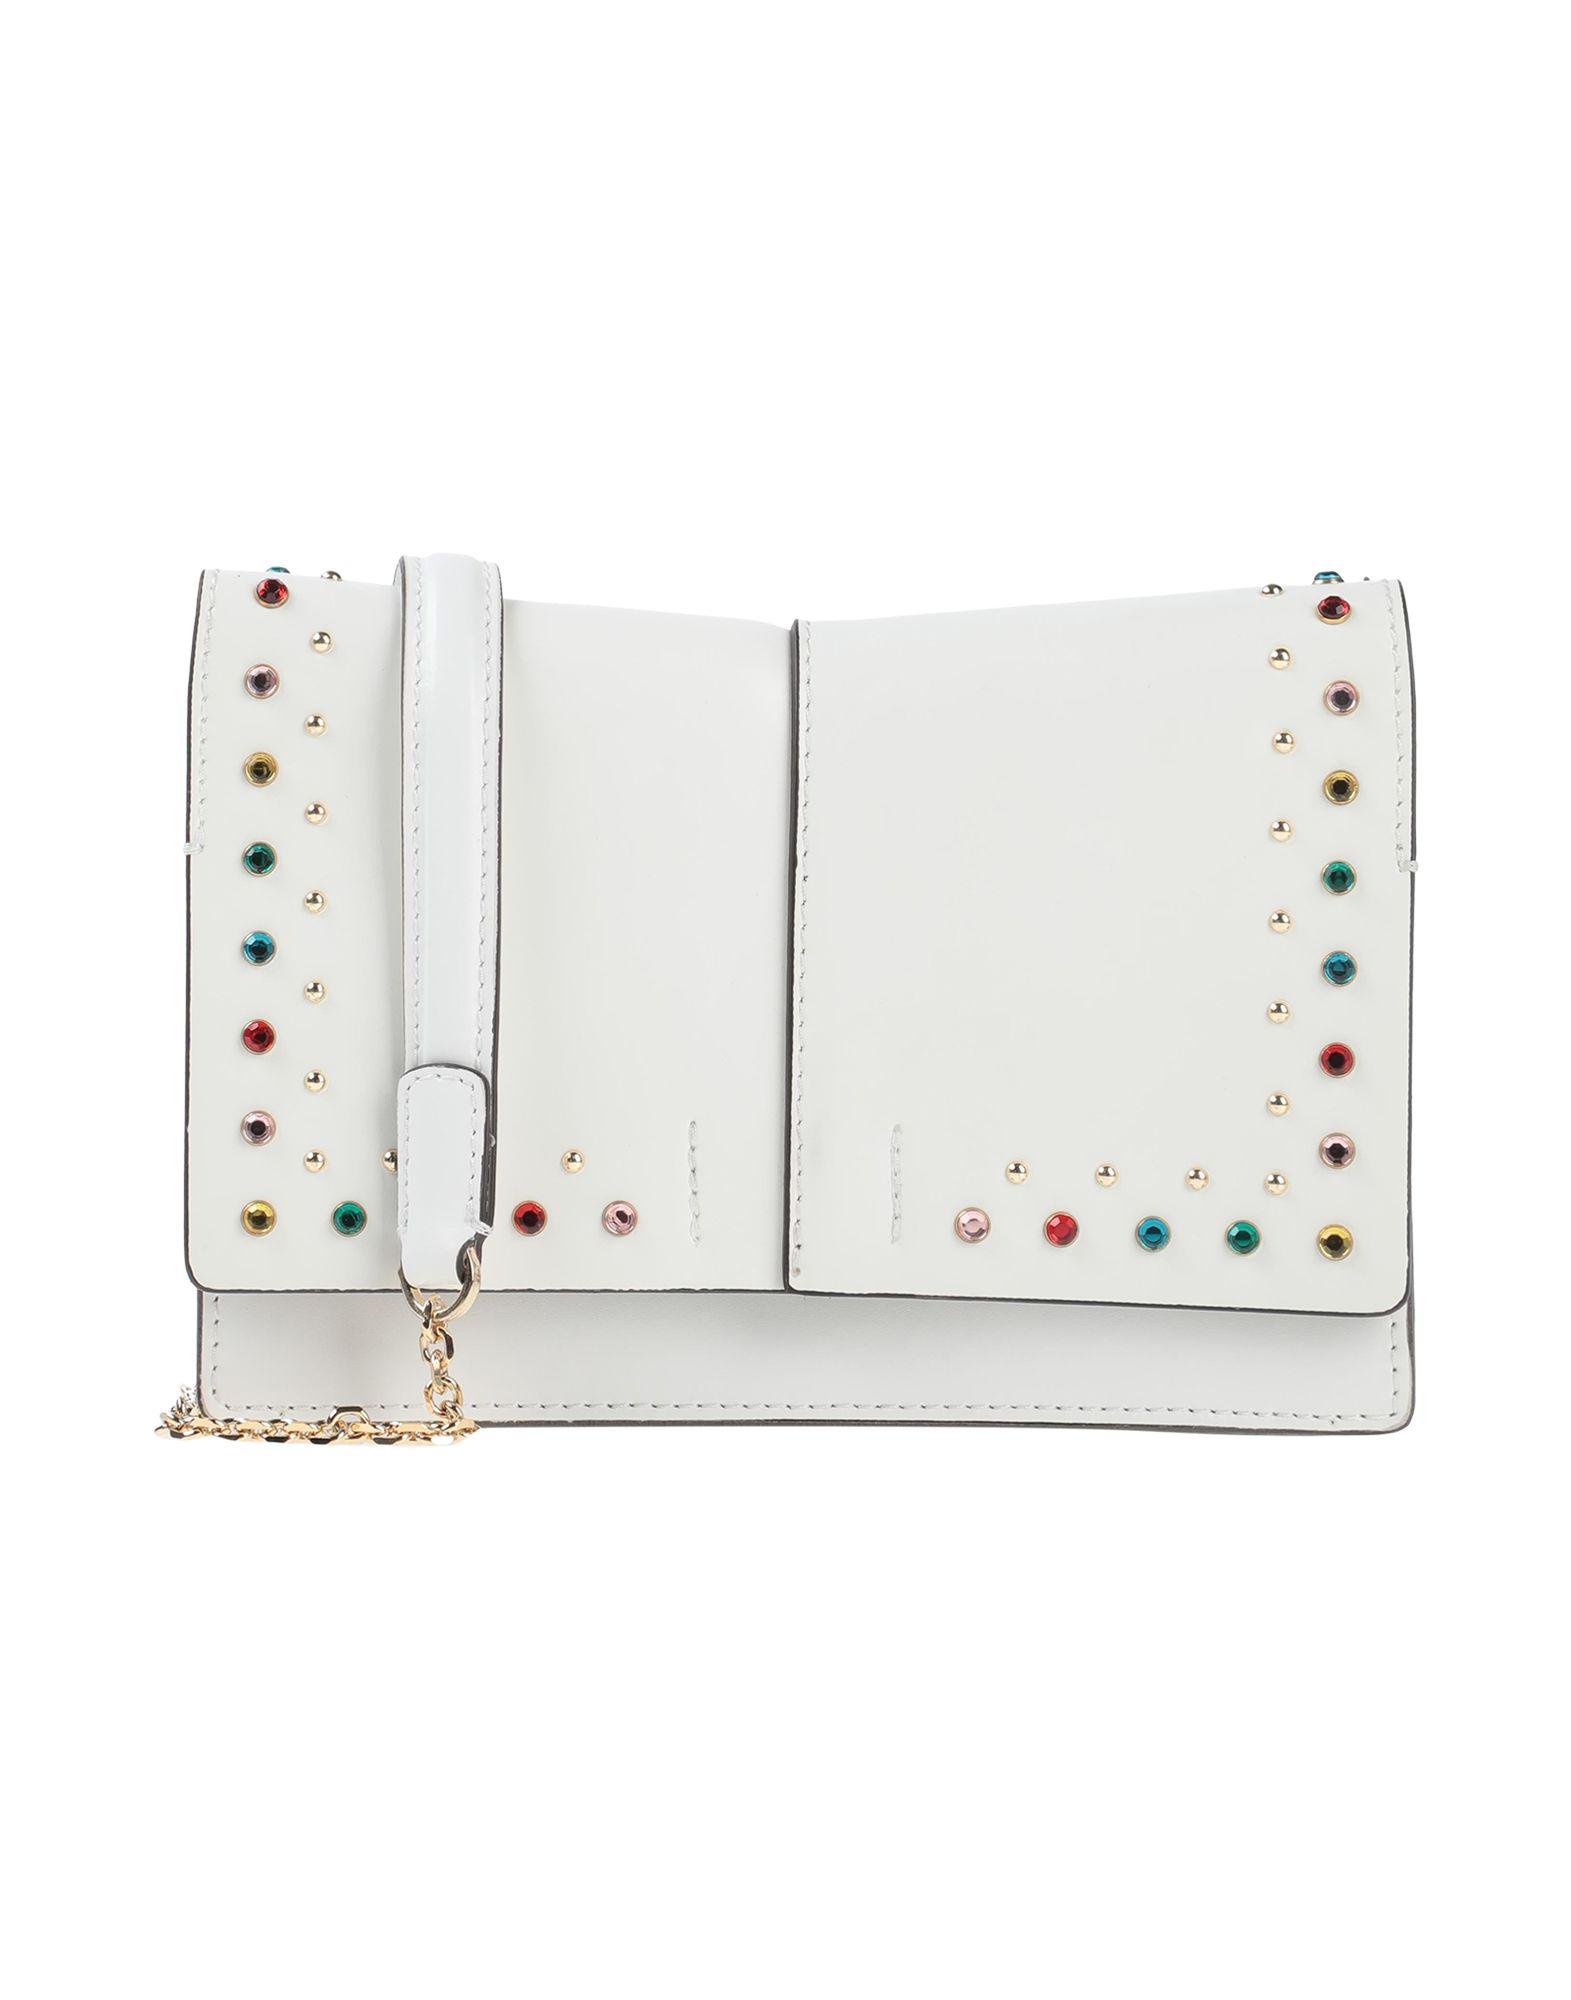 GIANNI CHIARINI Сумка на руку рюкзак gianni chiarini zn 9230 18pe ind marble